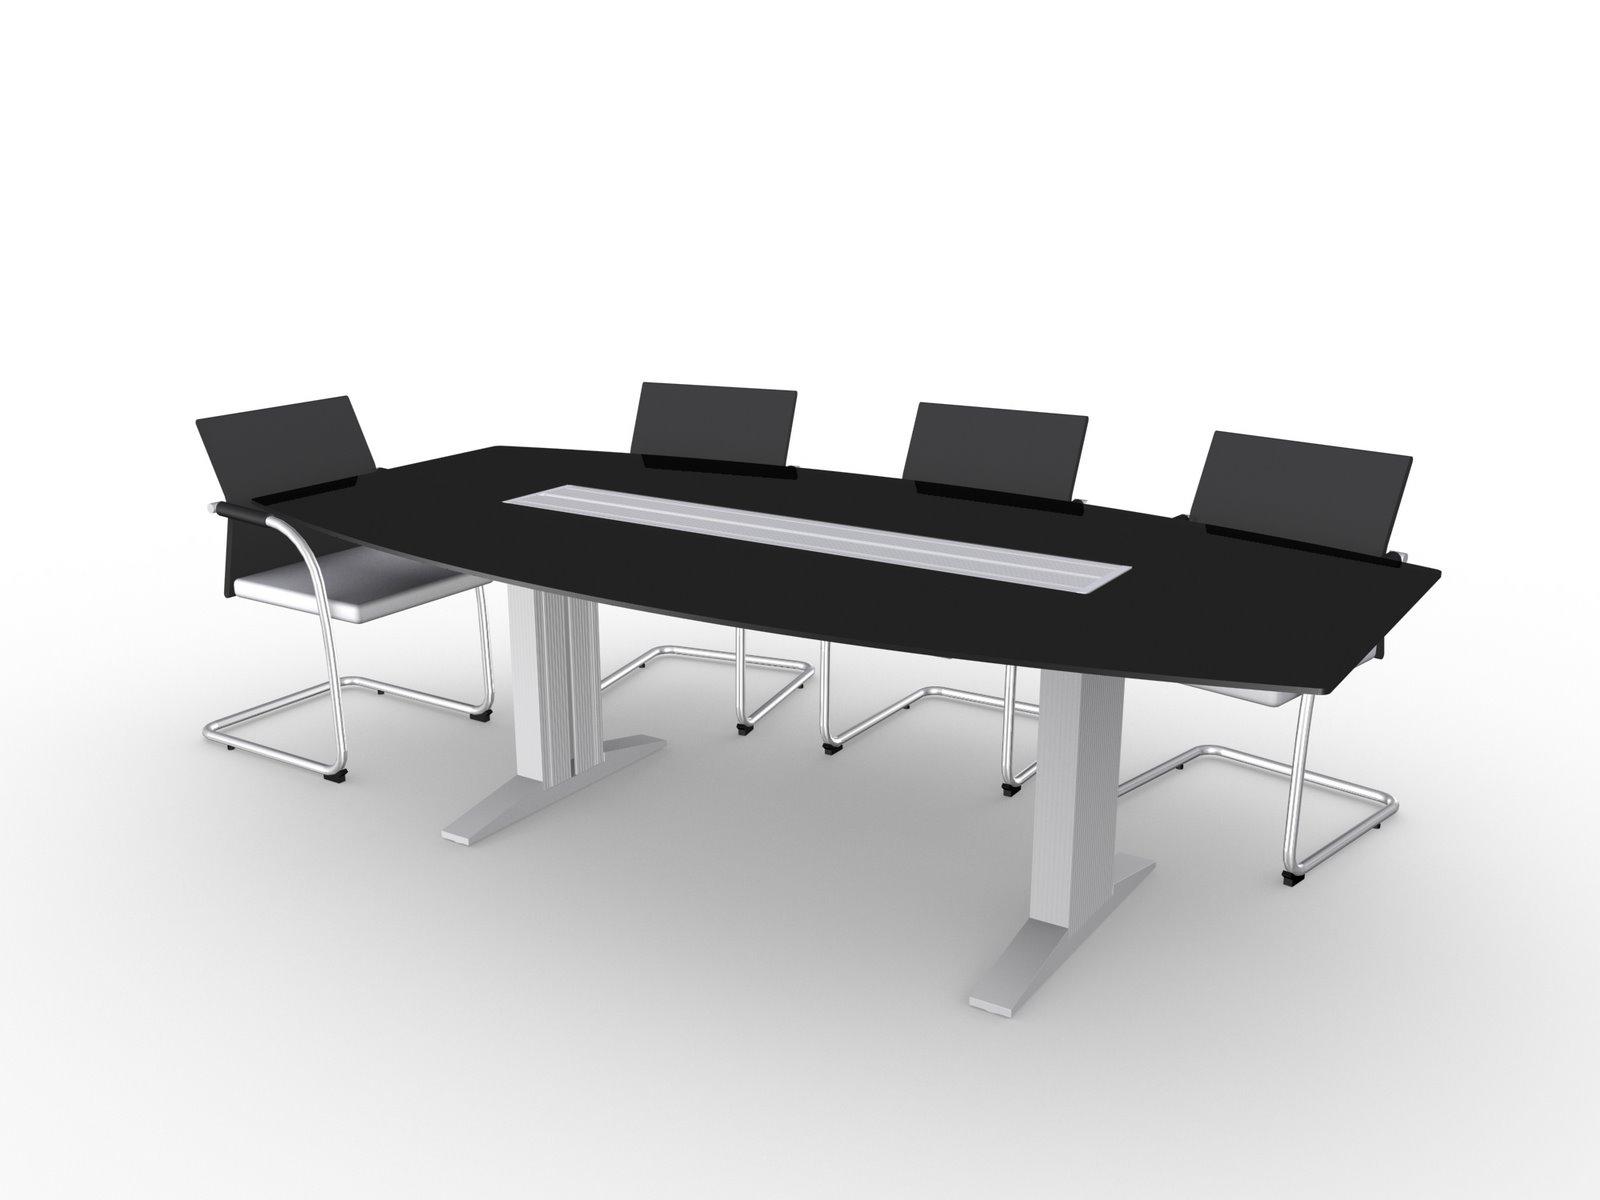 Mesa de reuniones mublex ecuador - Mesa de juntas ...